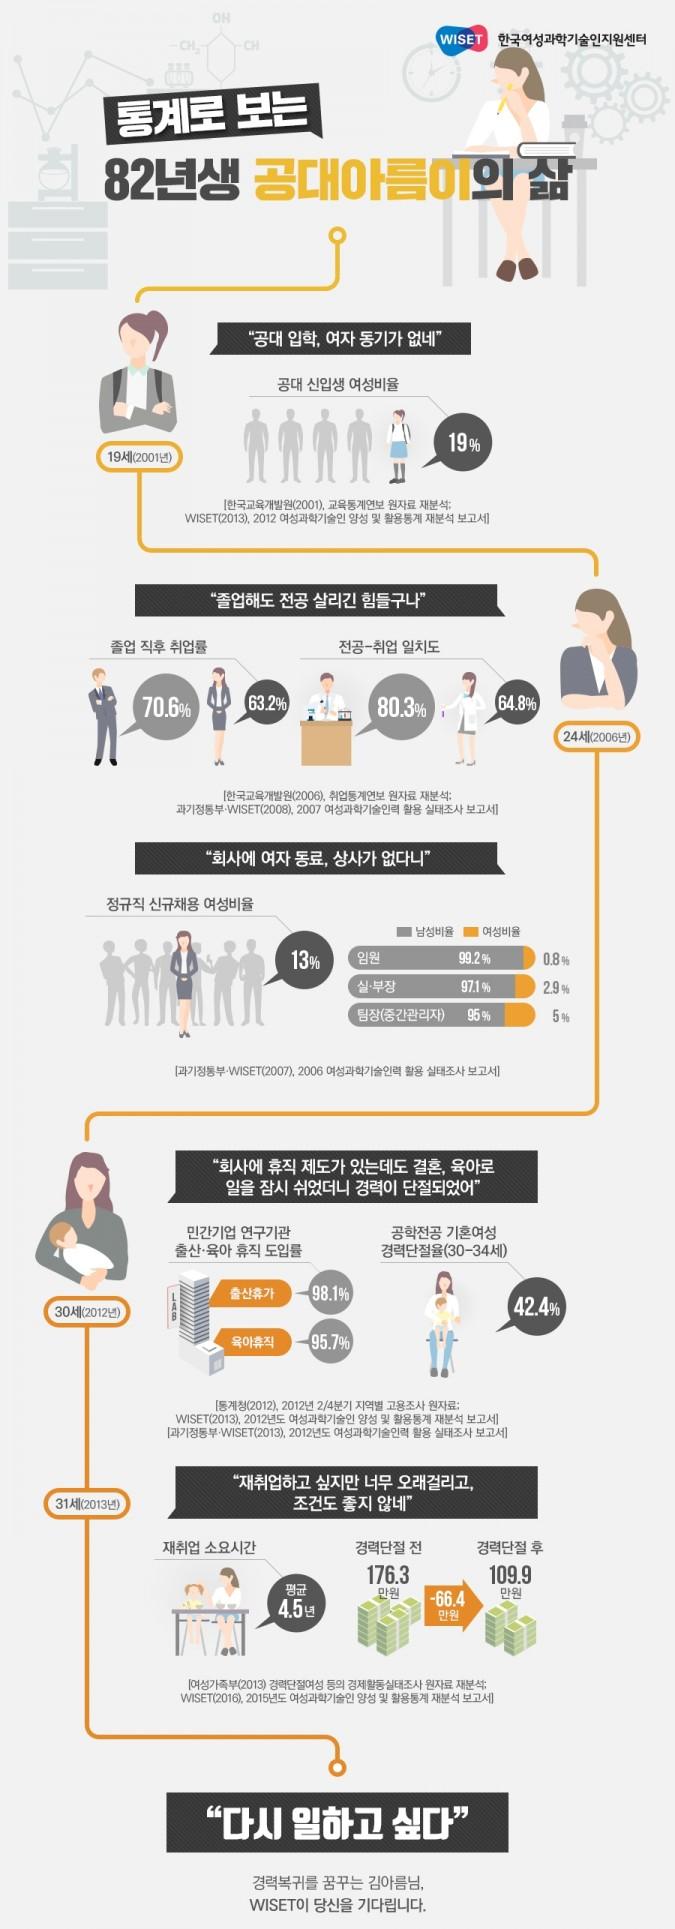 통계로 보는 82년생 공대 여성의 삶…대학, 회사에 여성 롤모델 없고, 경력단절되면 복귀 어려워